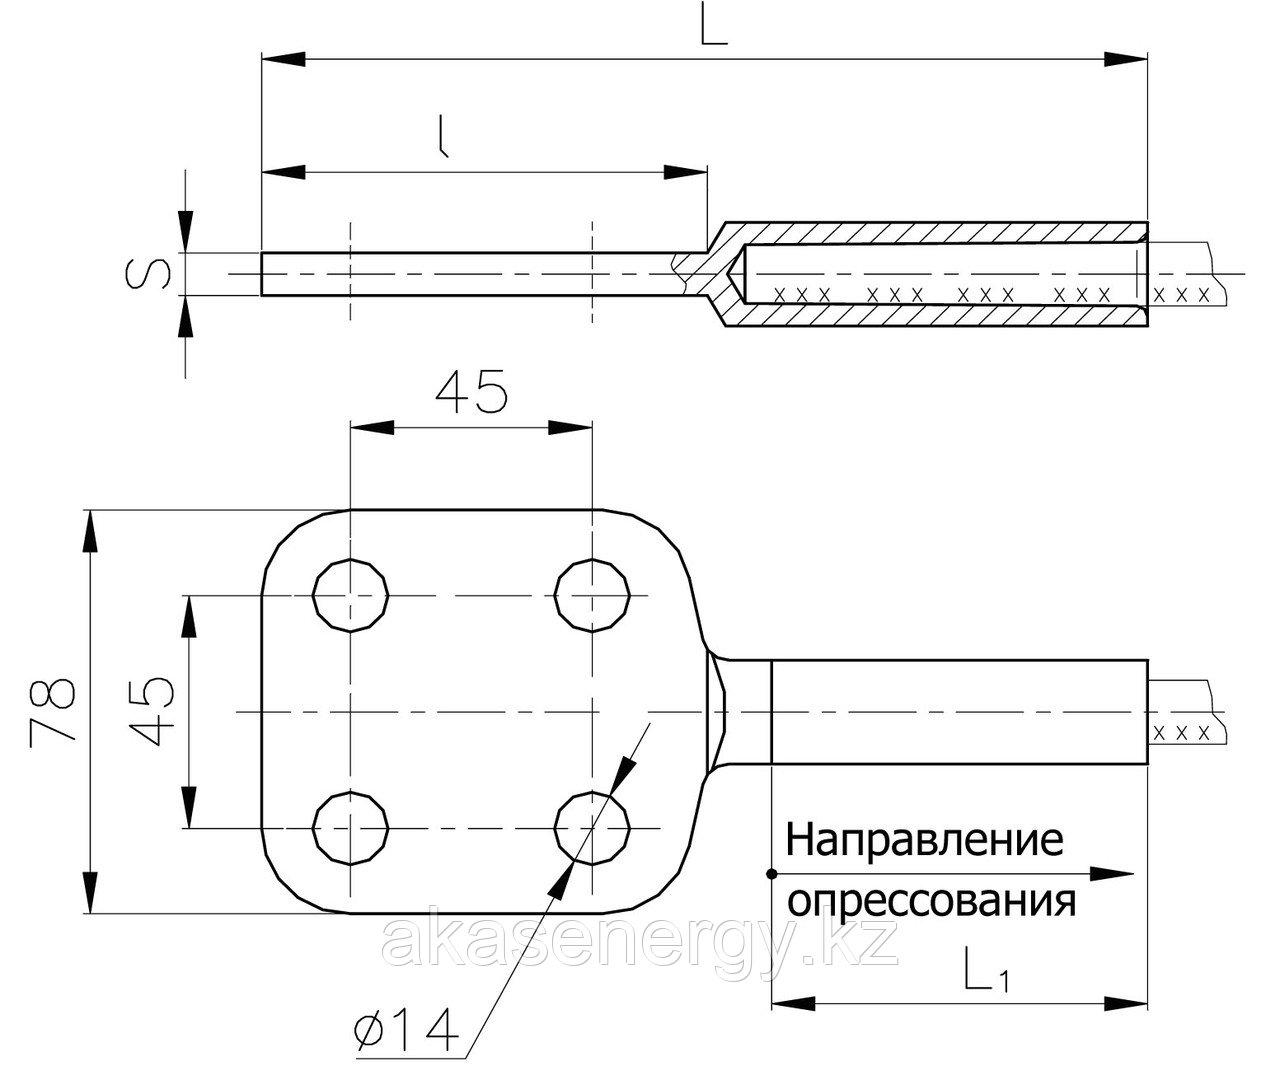 Аппаратные зажимы А4А-150Г-1, А4А-185Г-1, А4А-240Г-1